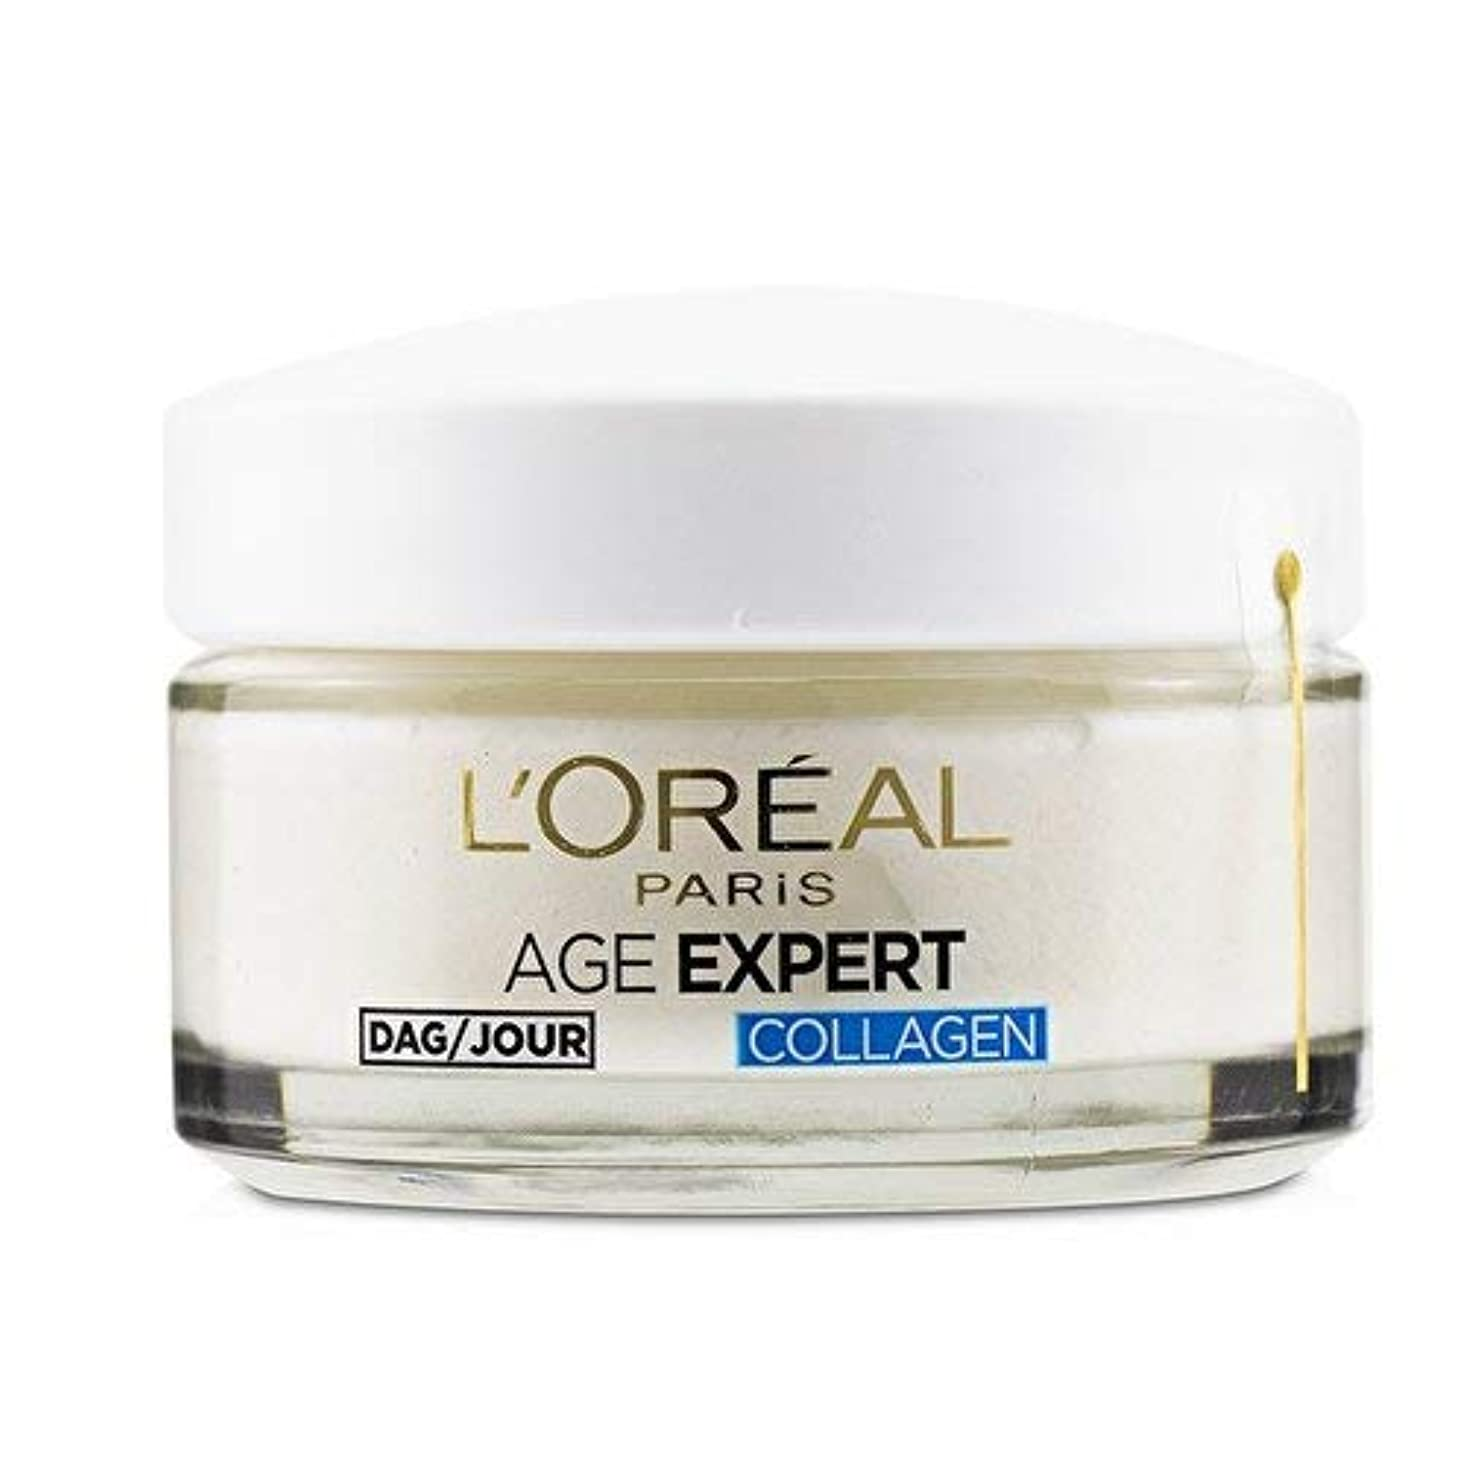 露出度の高い代替案バレルロレアル Age Expert 35+ Collagen Anti-Wrinkle Hydrating Day Cream 50ml/1.7oz並行輸入品